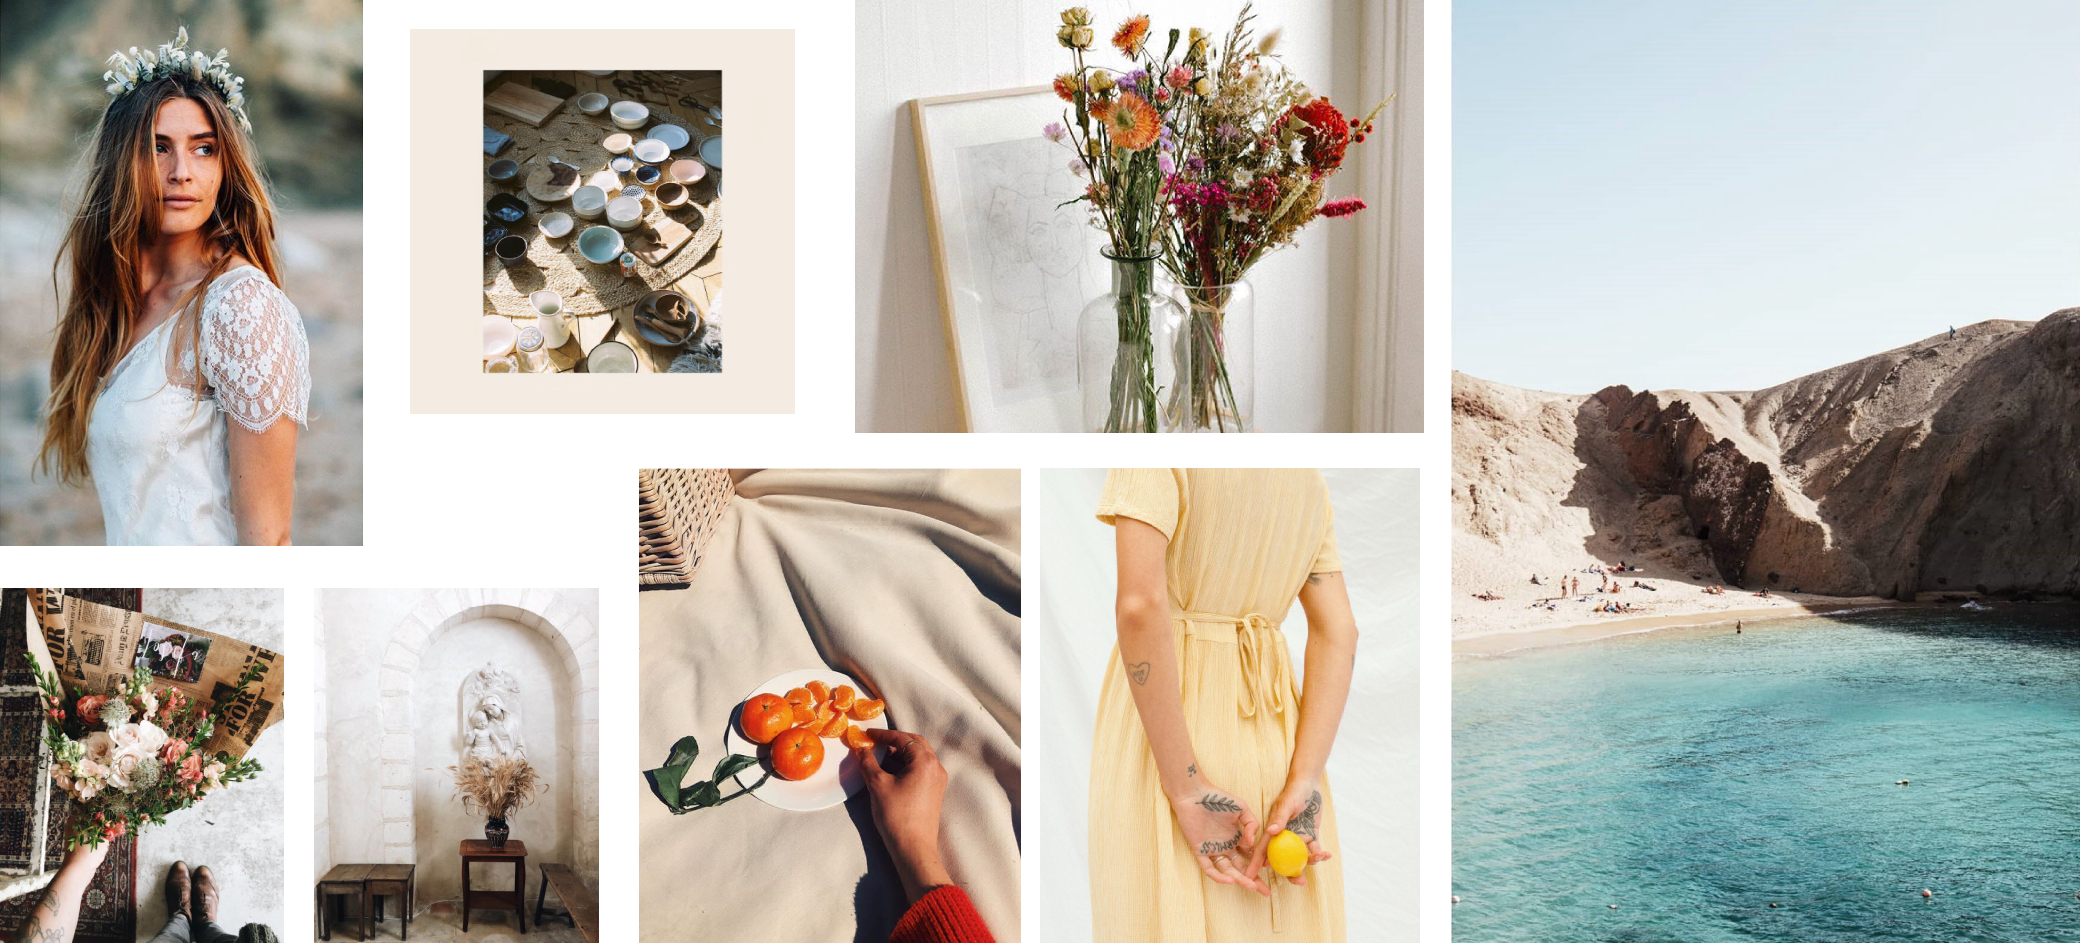 10 photographes à suivre sur Instagram